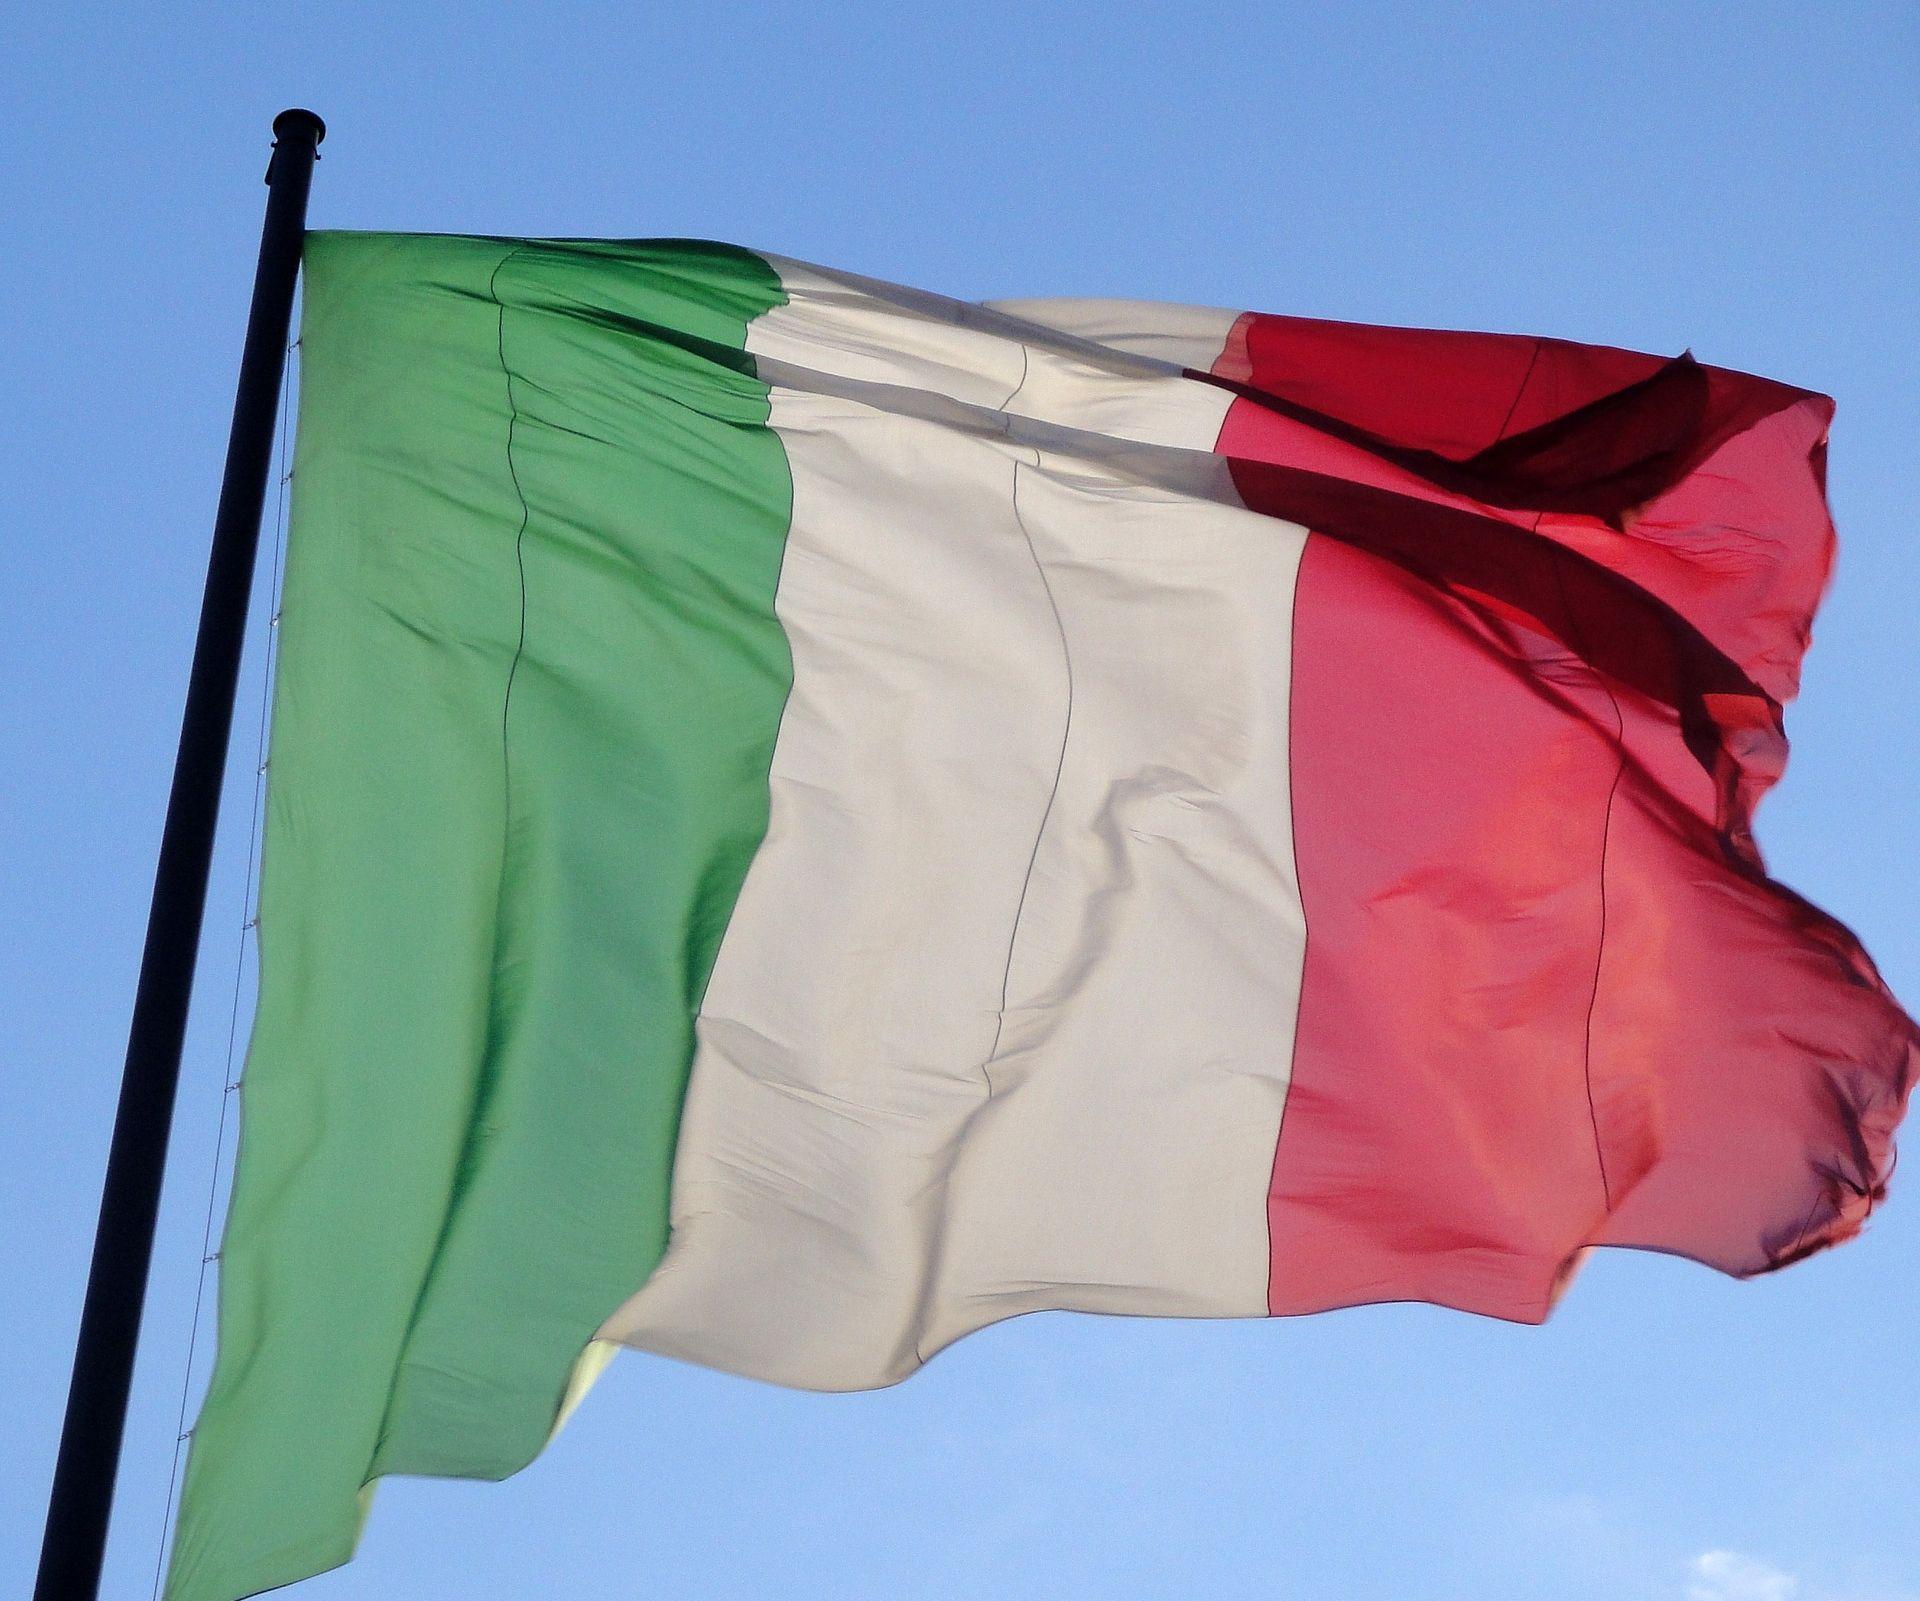 Italija deportirala trojicu osumnjičenih zbog povezanosti s terorističkom ćelijom u Veneciji